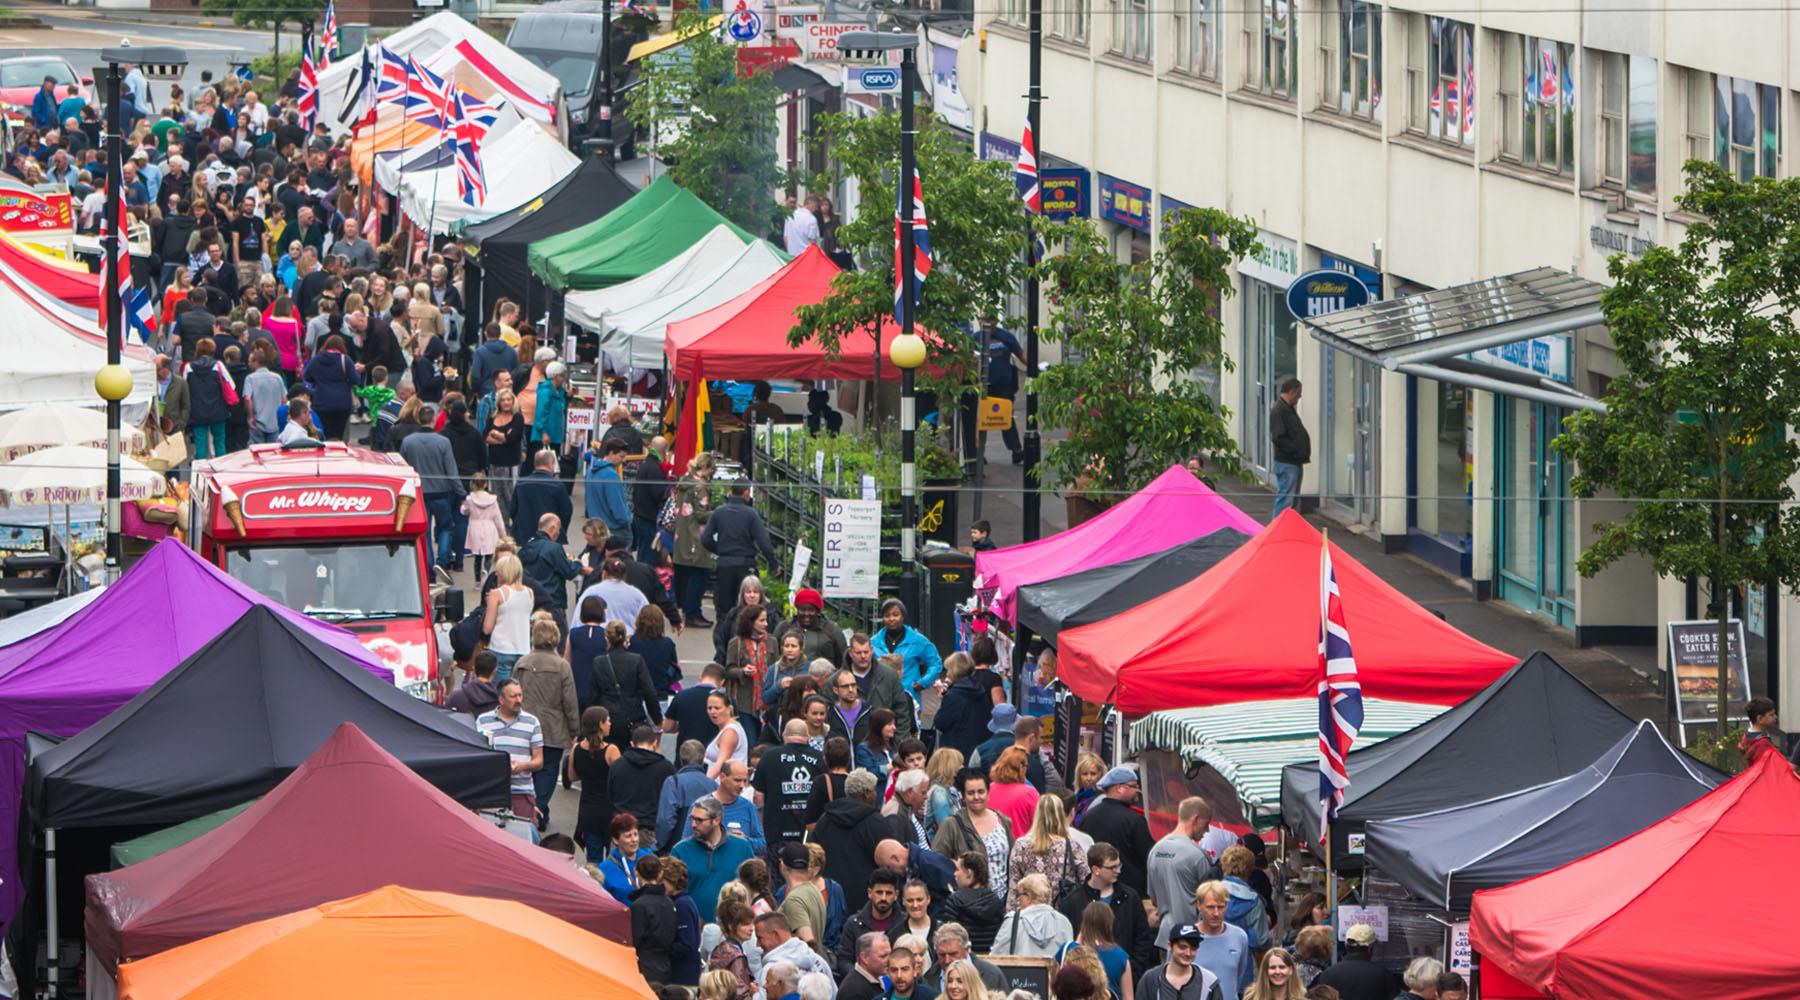 Caterham Food Festival